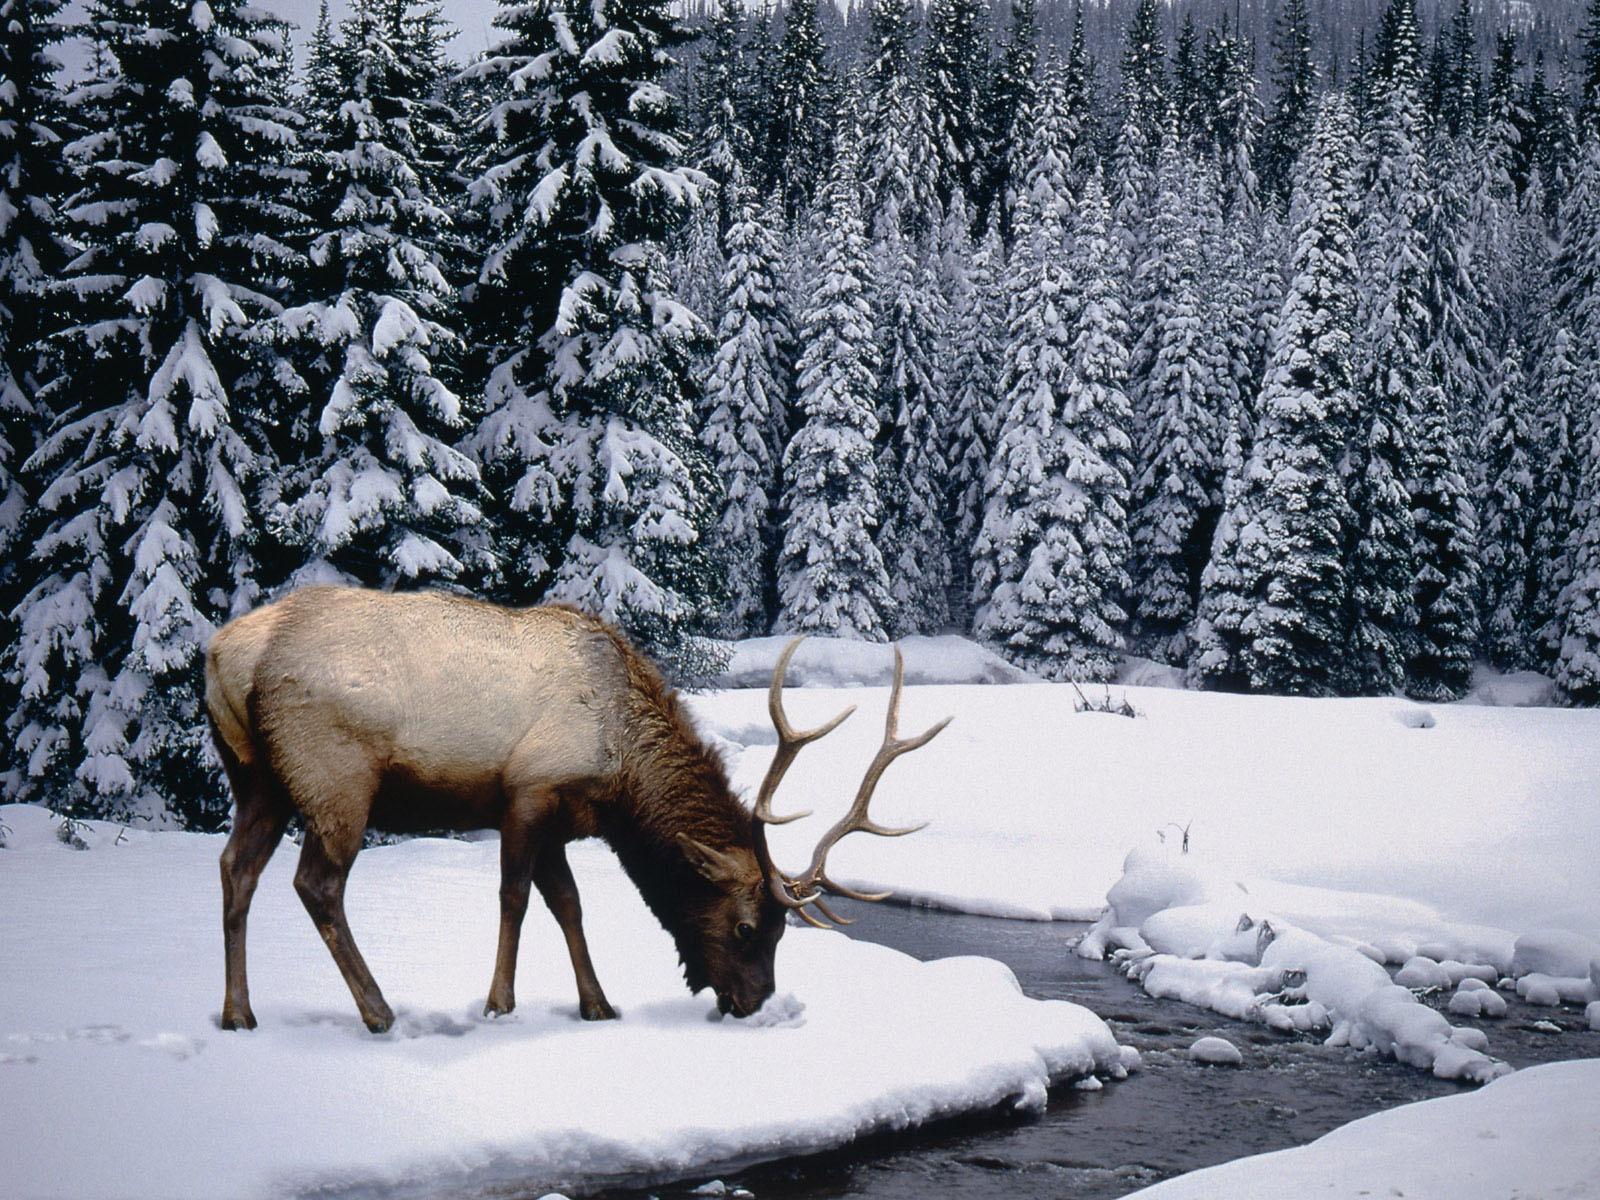 http://1.bp.blogspot.com/_WtHa9sBZPyM/TU_znhdHABI/AAAAAAAAAH0/cJPhcUiIzwk/s1600/iarn%25C4%2583-cerb-wallpapers_1277_1600x1200.jpg